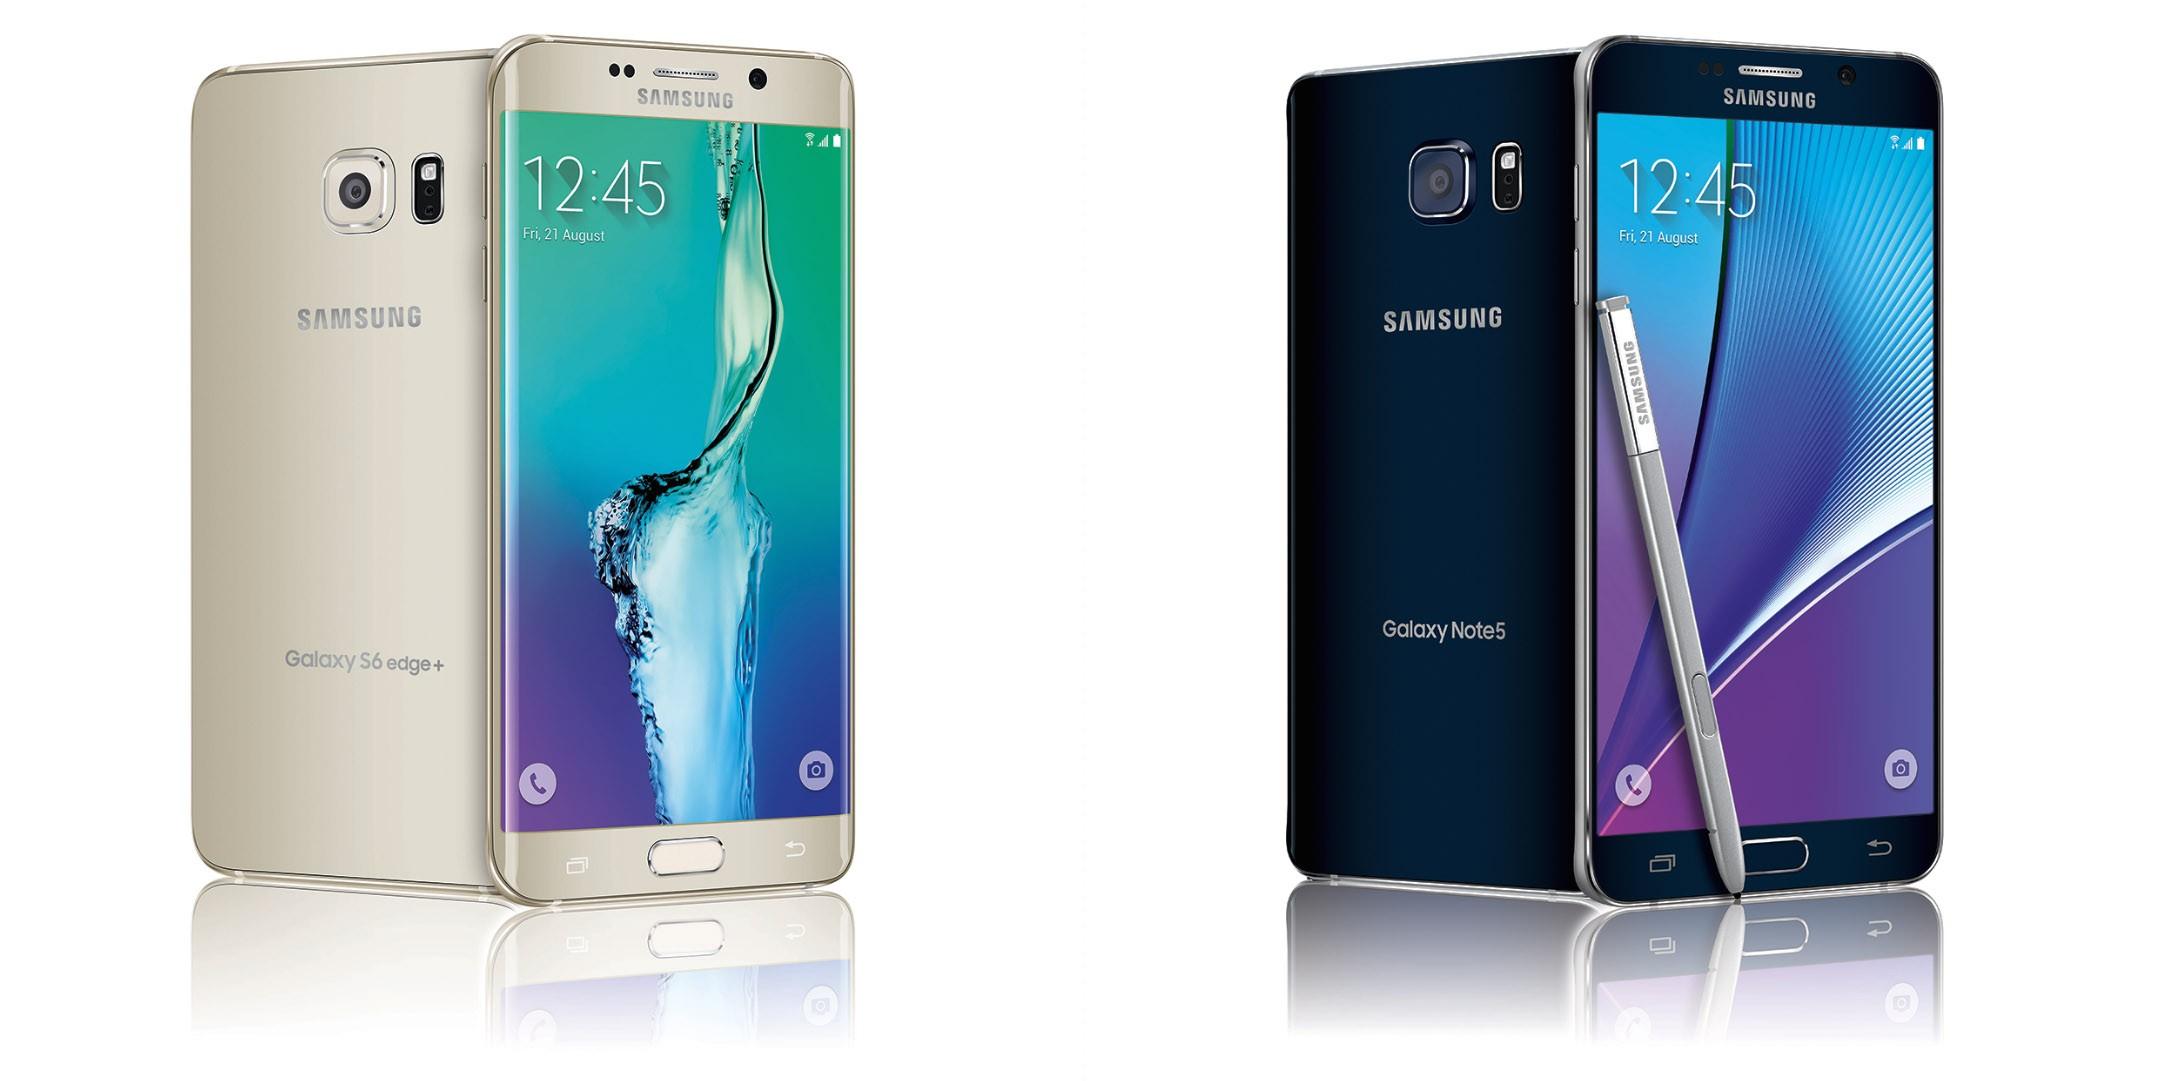 note 5 1 - Samsung Galaxy Note 5 chính thức ra mắt với S-pen cải tiến